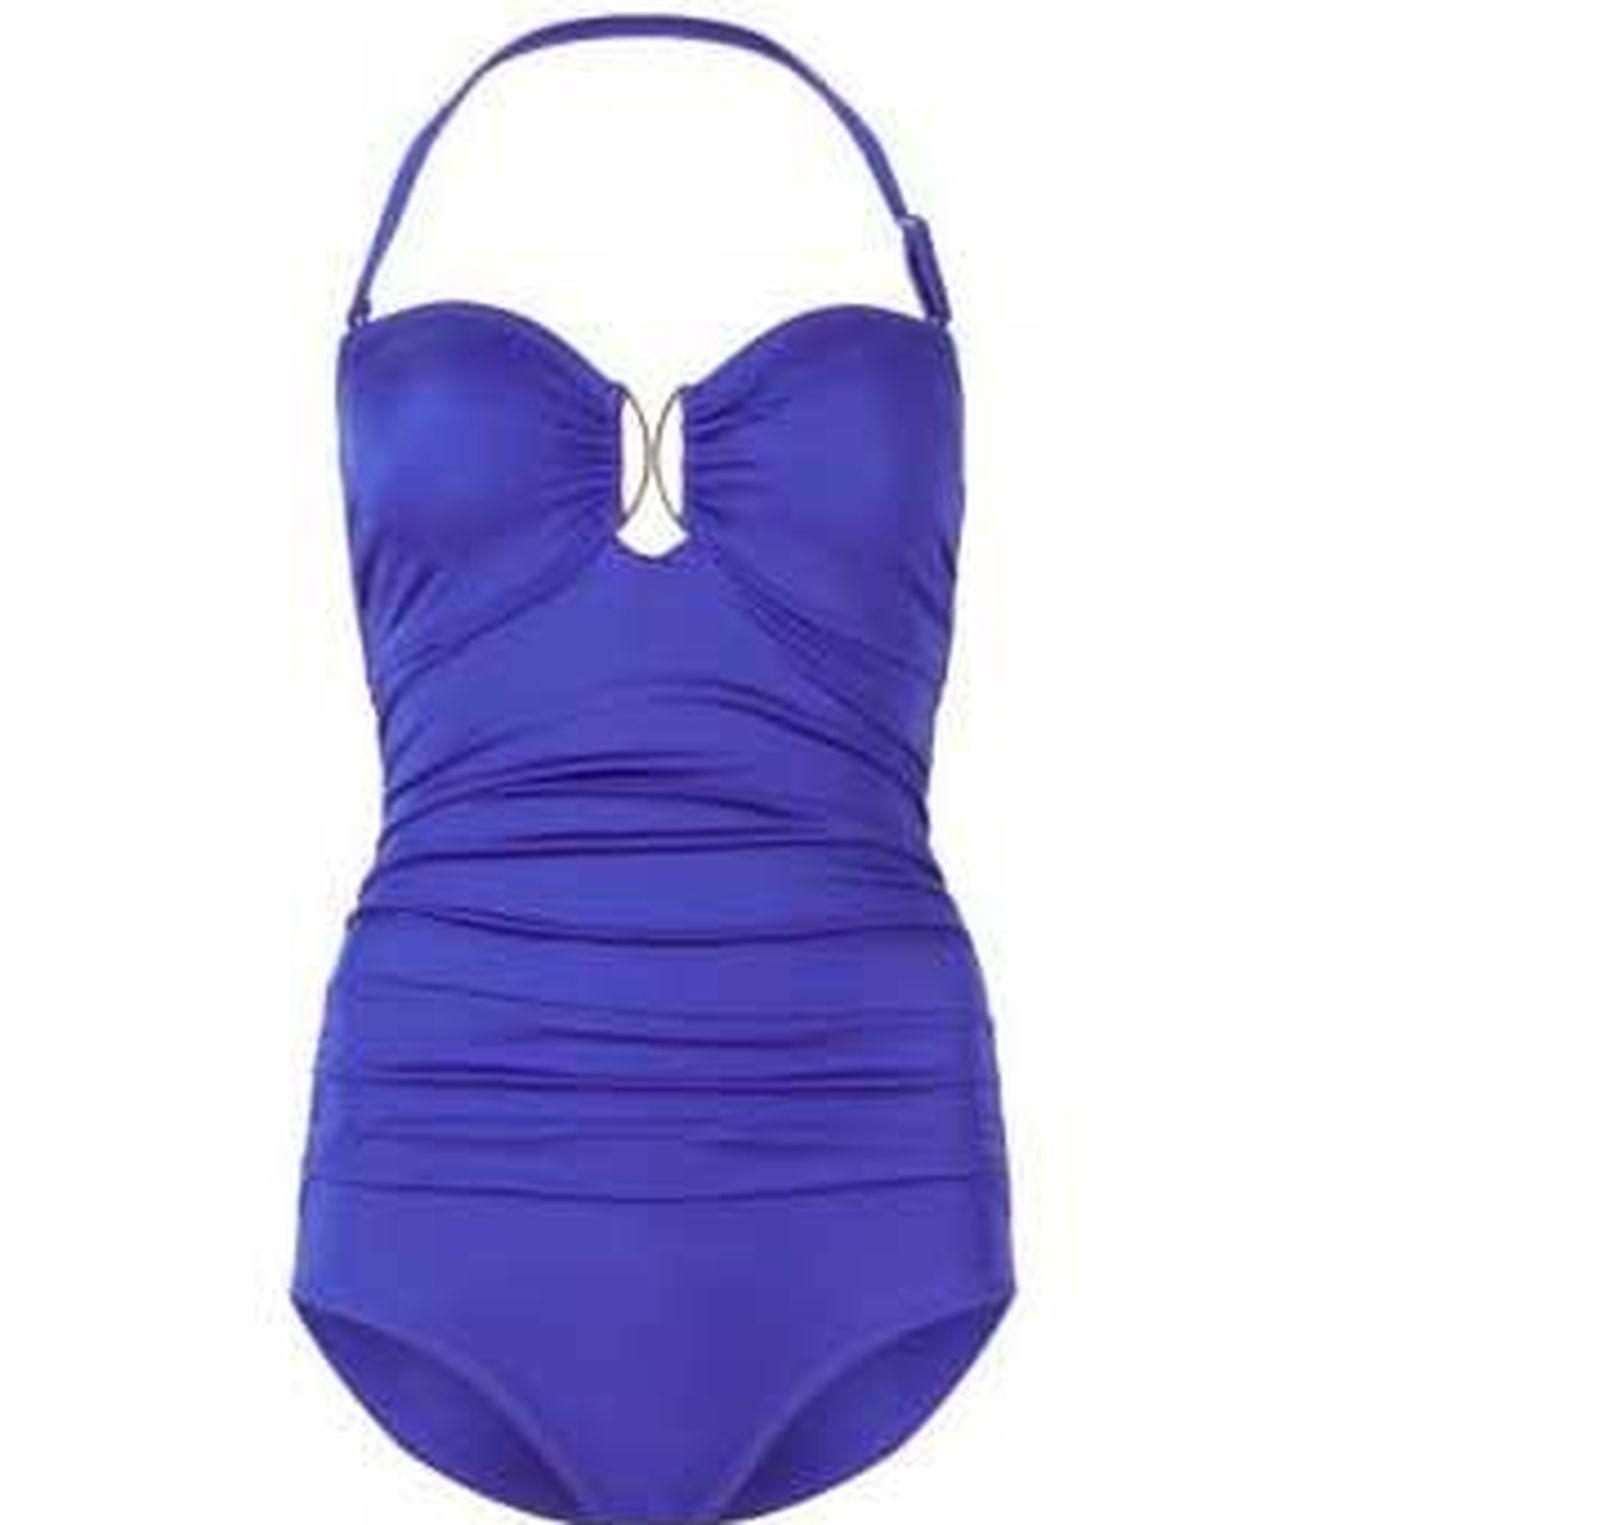 Operación Bikini: Bañadores y bikinis para cada tipo de silueta